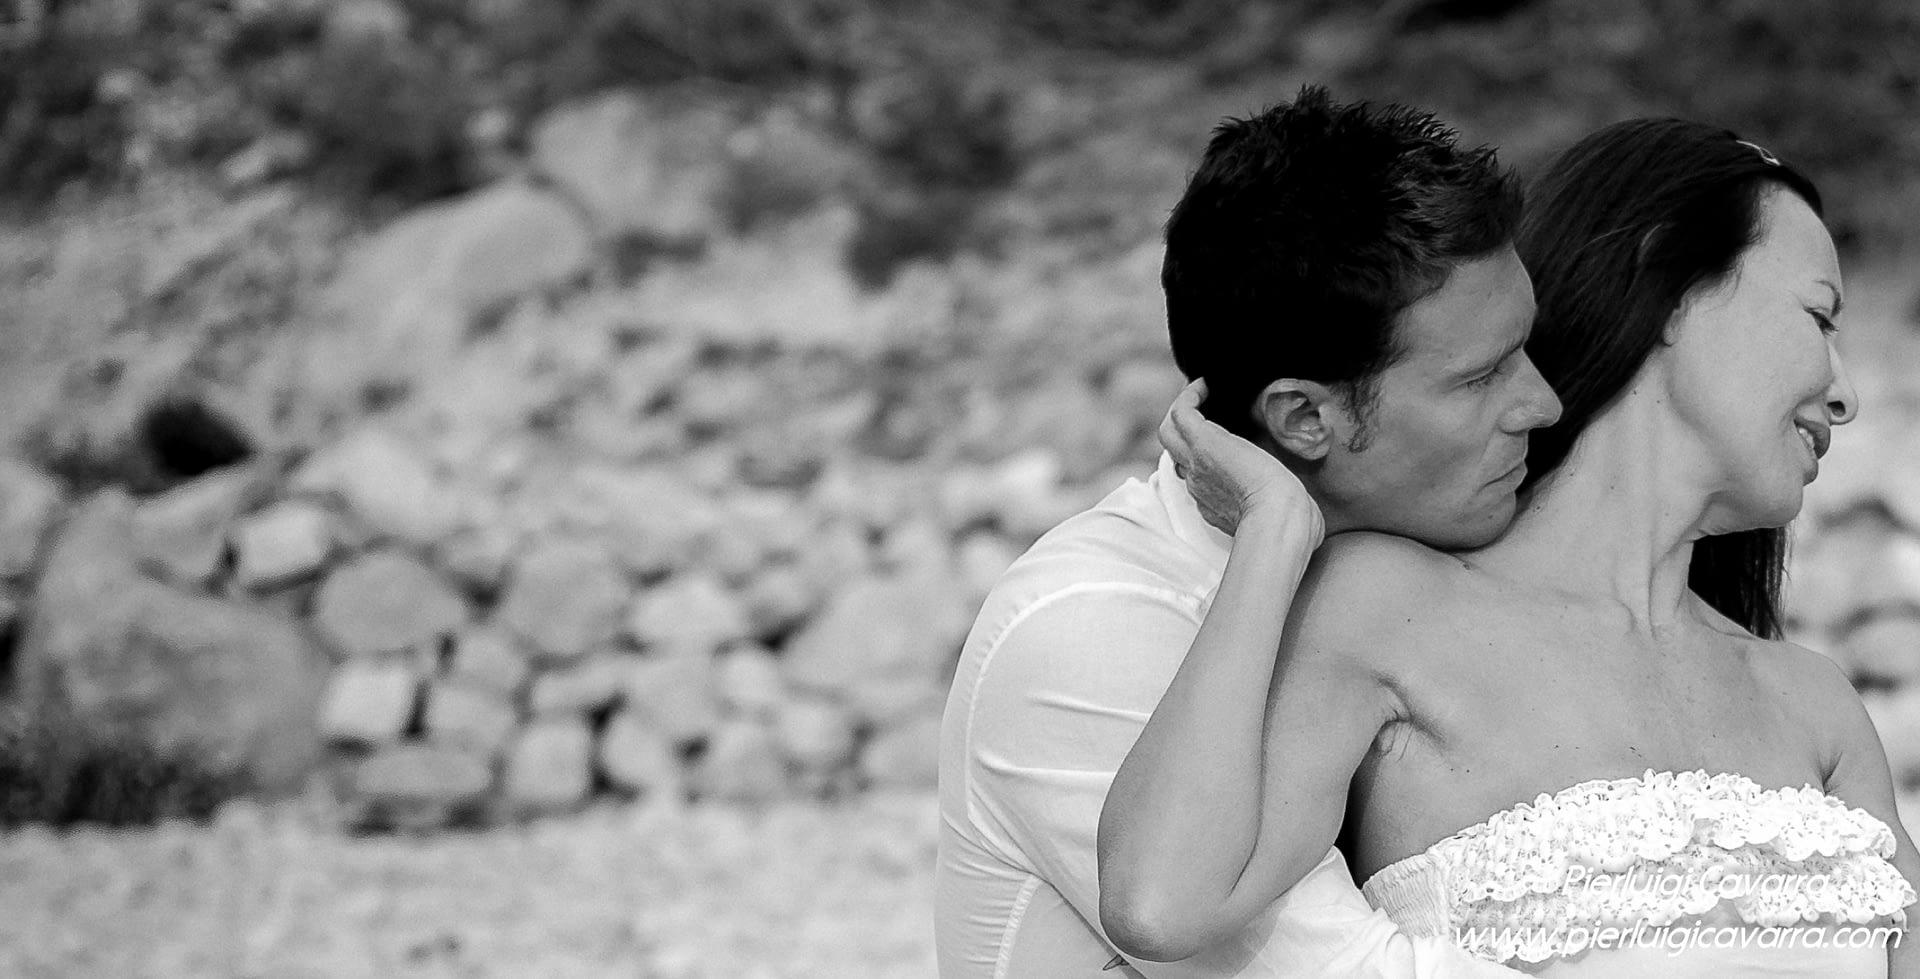 Pierluigi Cavarra - fotografo de bodas y eventos - wedding photographer costa blanca - ejemplo -22